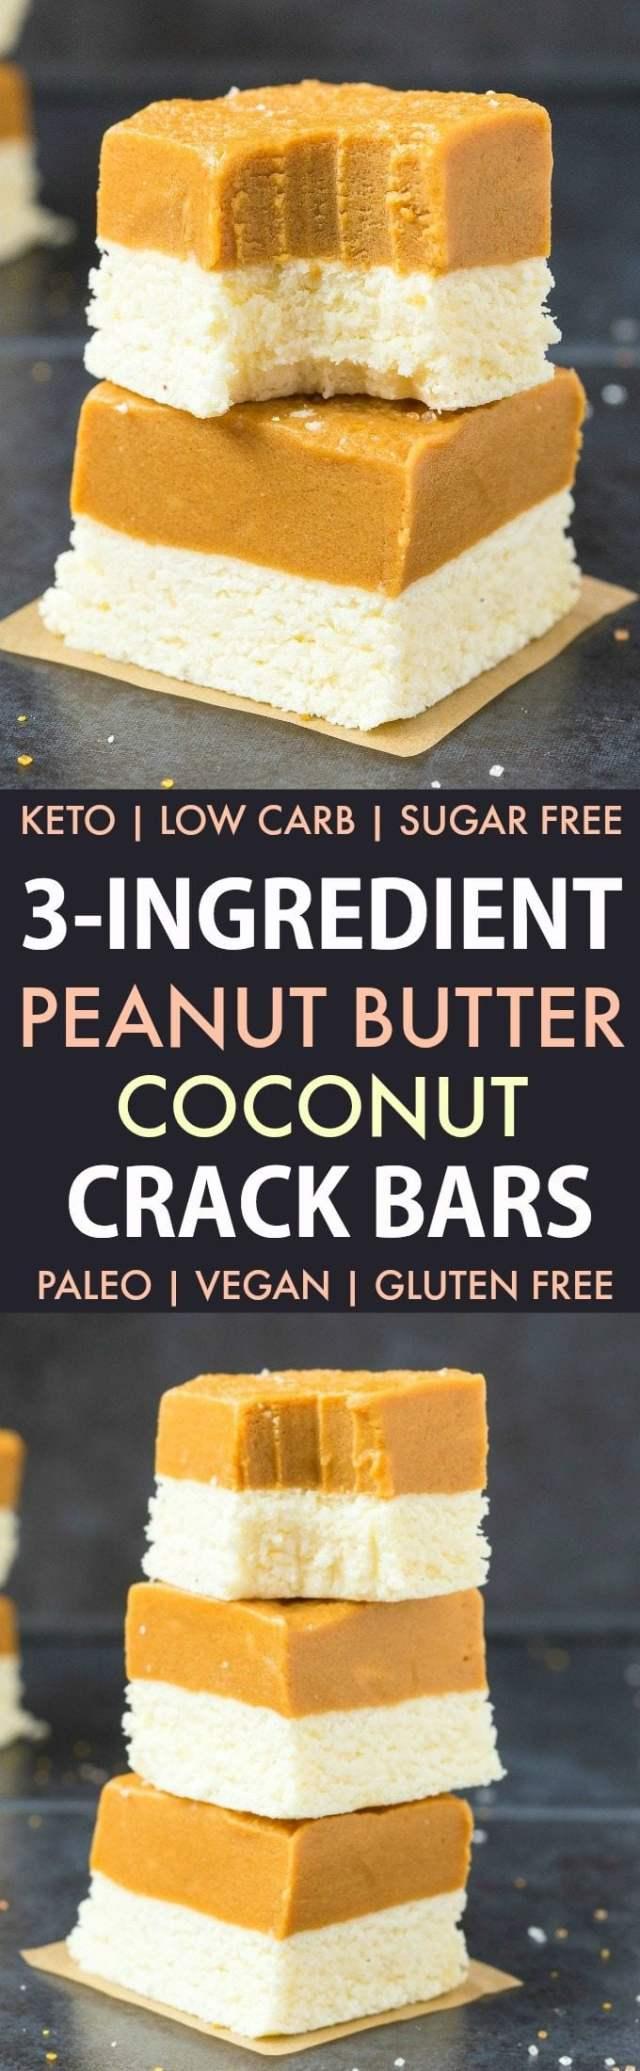 3-Ingredient No Bake Peanut Butter Coconut Crack Bars